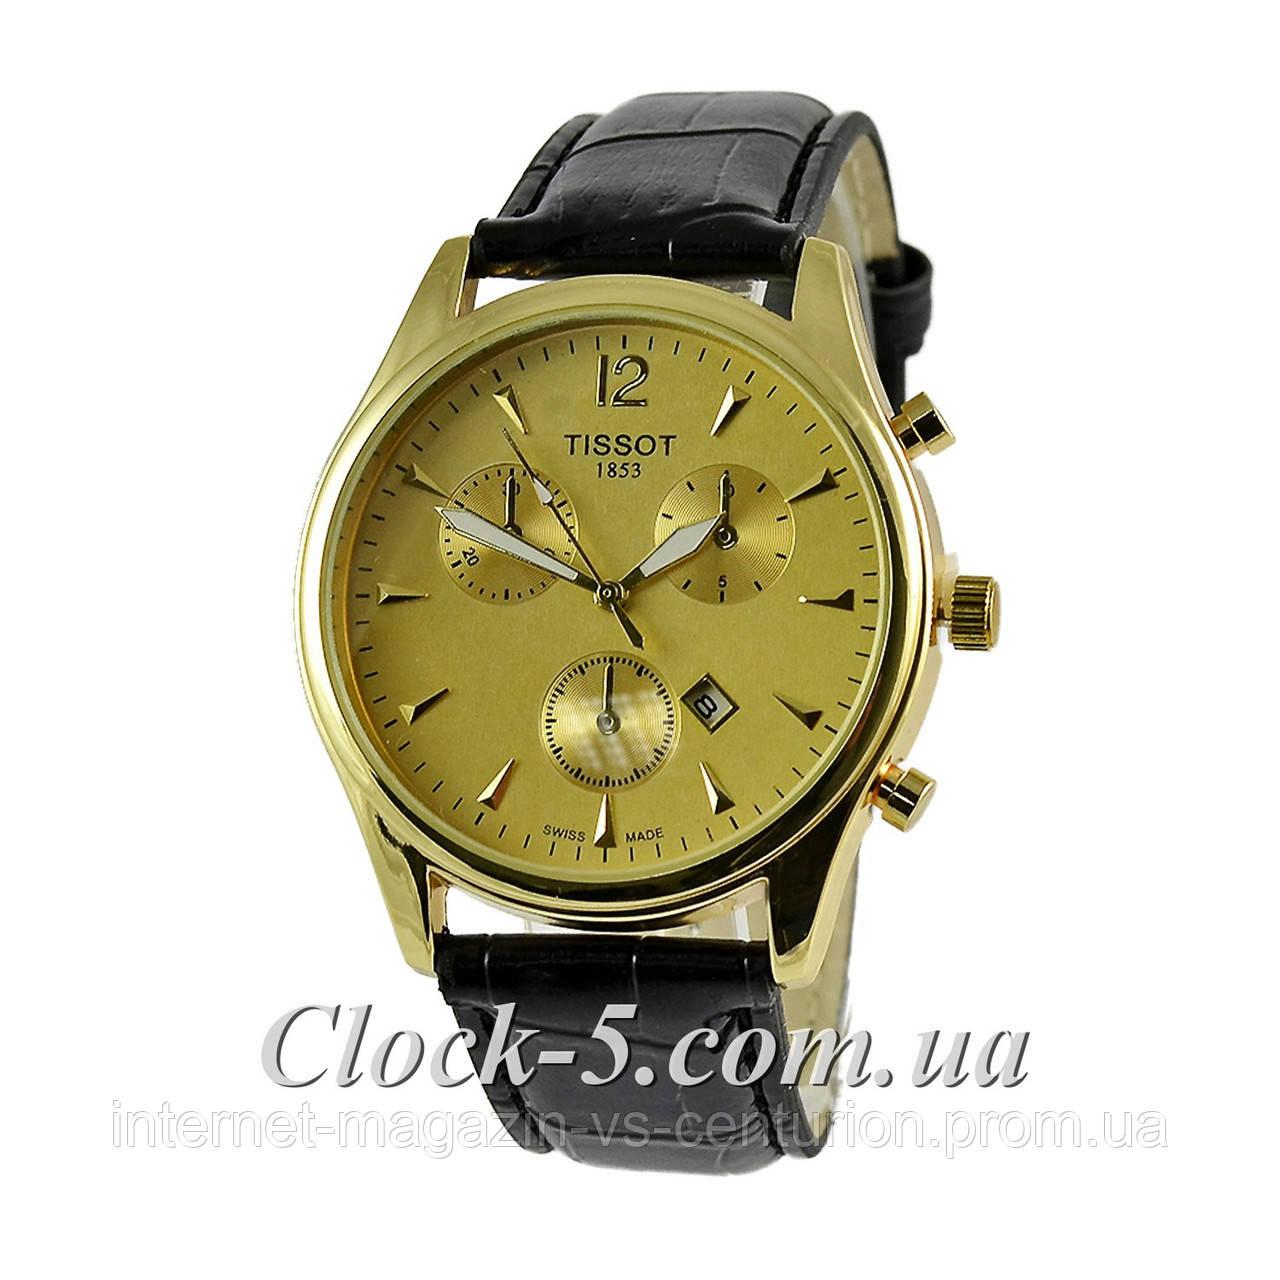 Наручные часы кварцевые мужские tissot perrelet часы купить